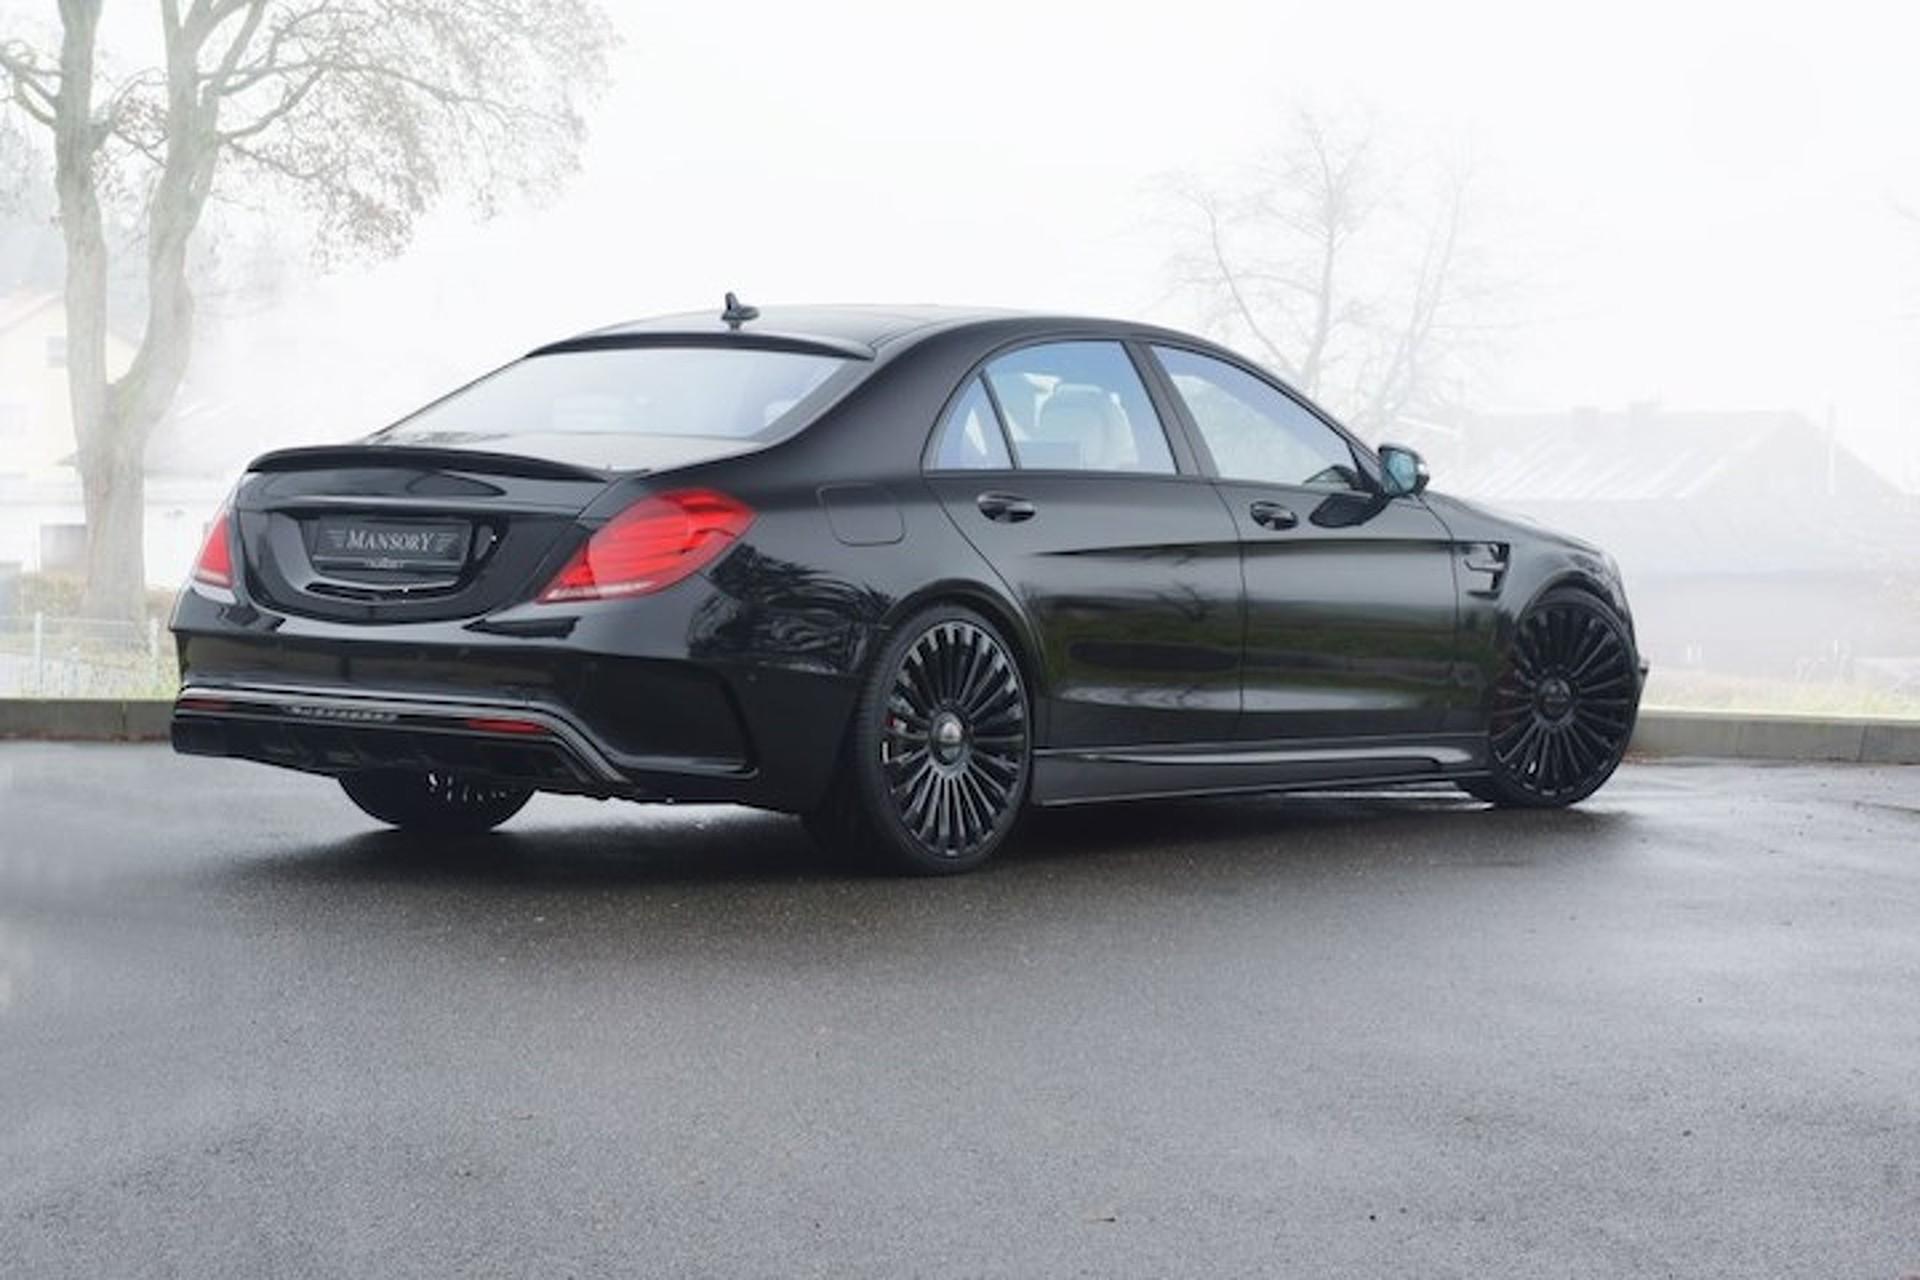 Mansory Built a Monster 1,000HP Mercedes S-Class